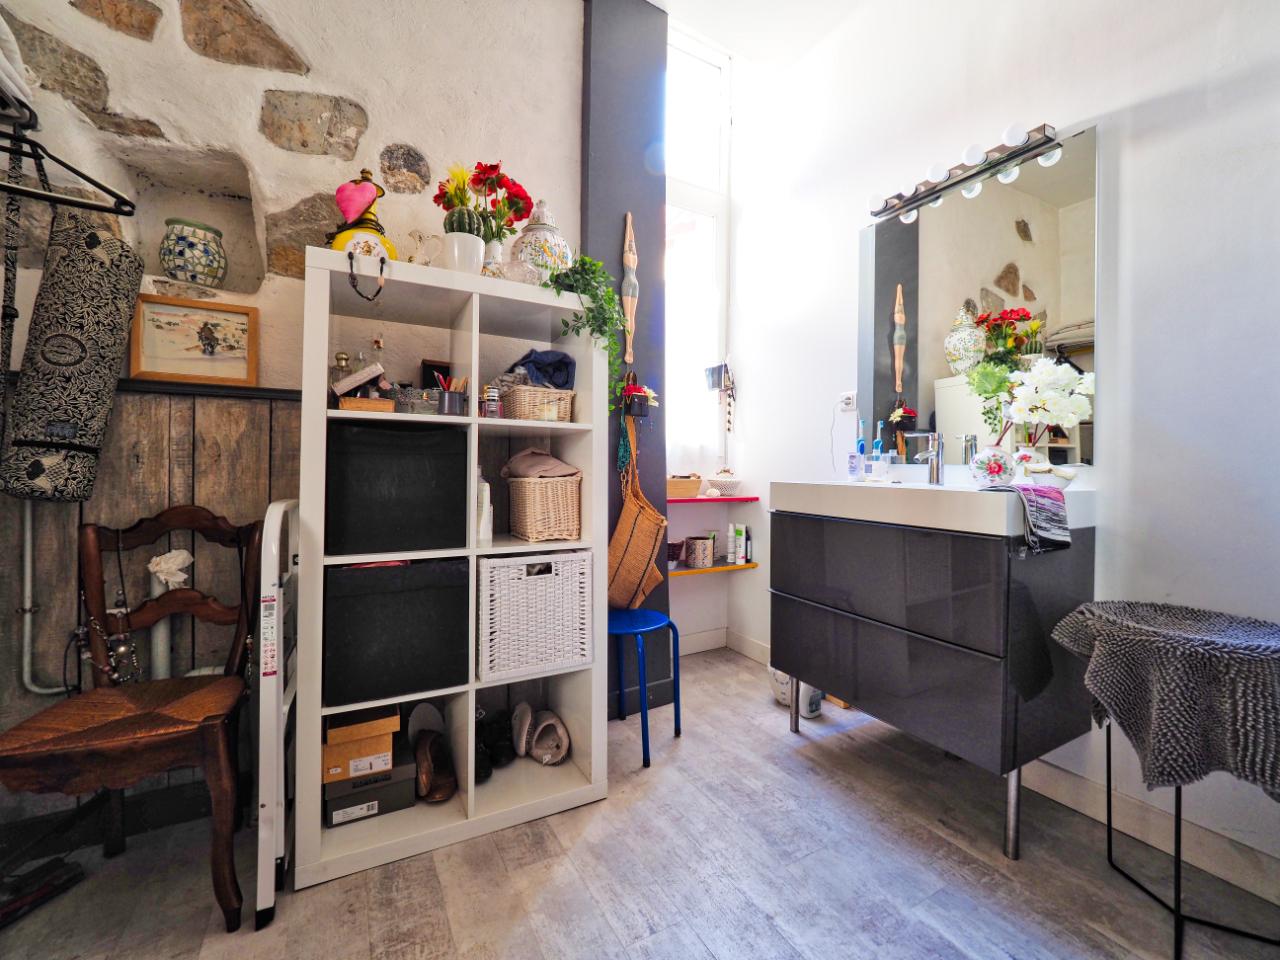 Vente appartement T4  à CIBOURE - 4